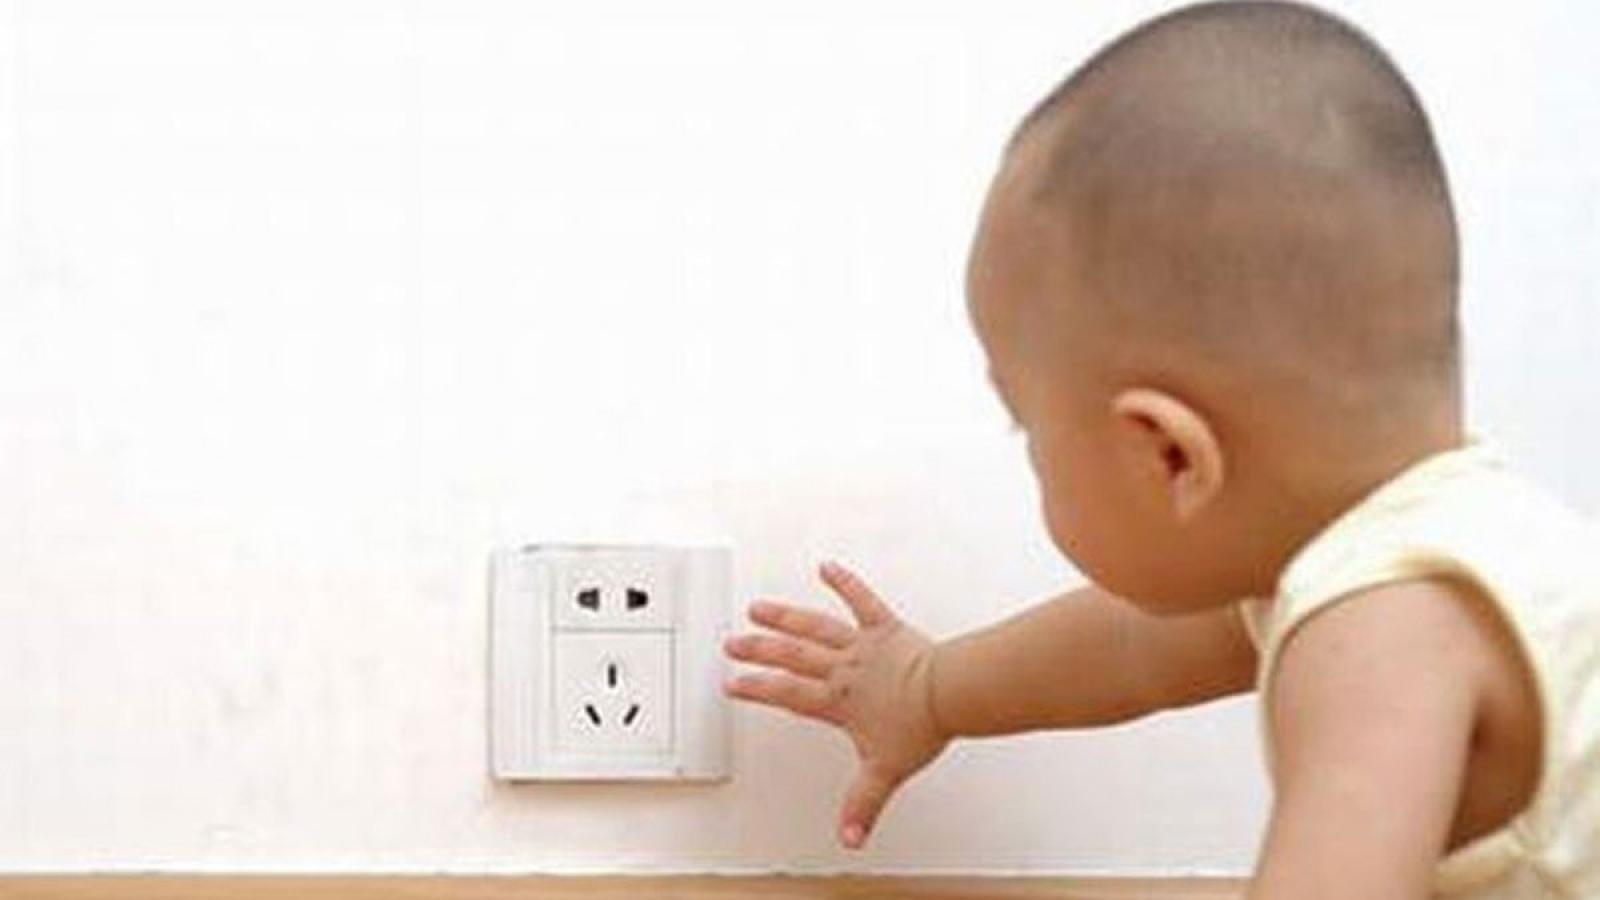 Giữ an toàn điện cho trẻ nhỏ trong mùa dịch